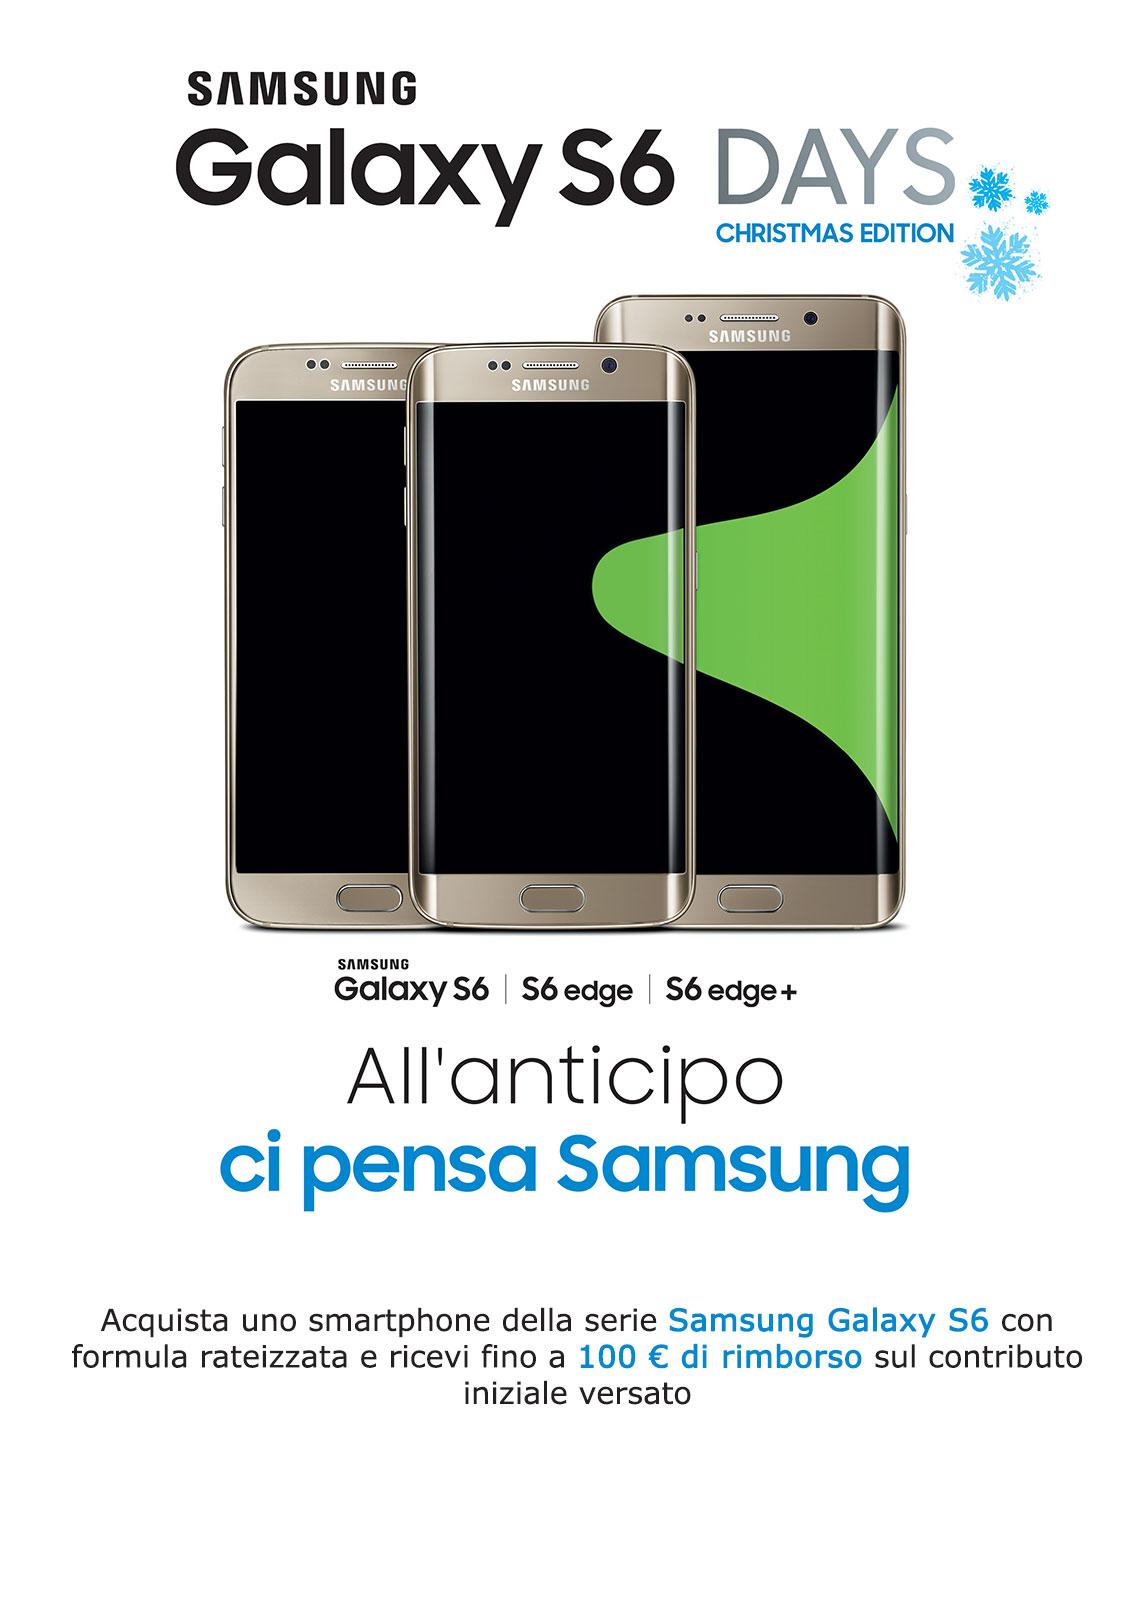 Tornano le offerte Samsung, 100 € di sconto